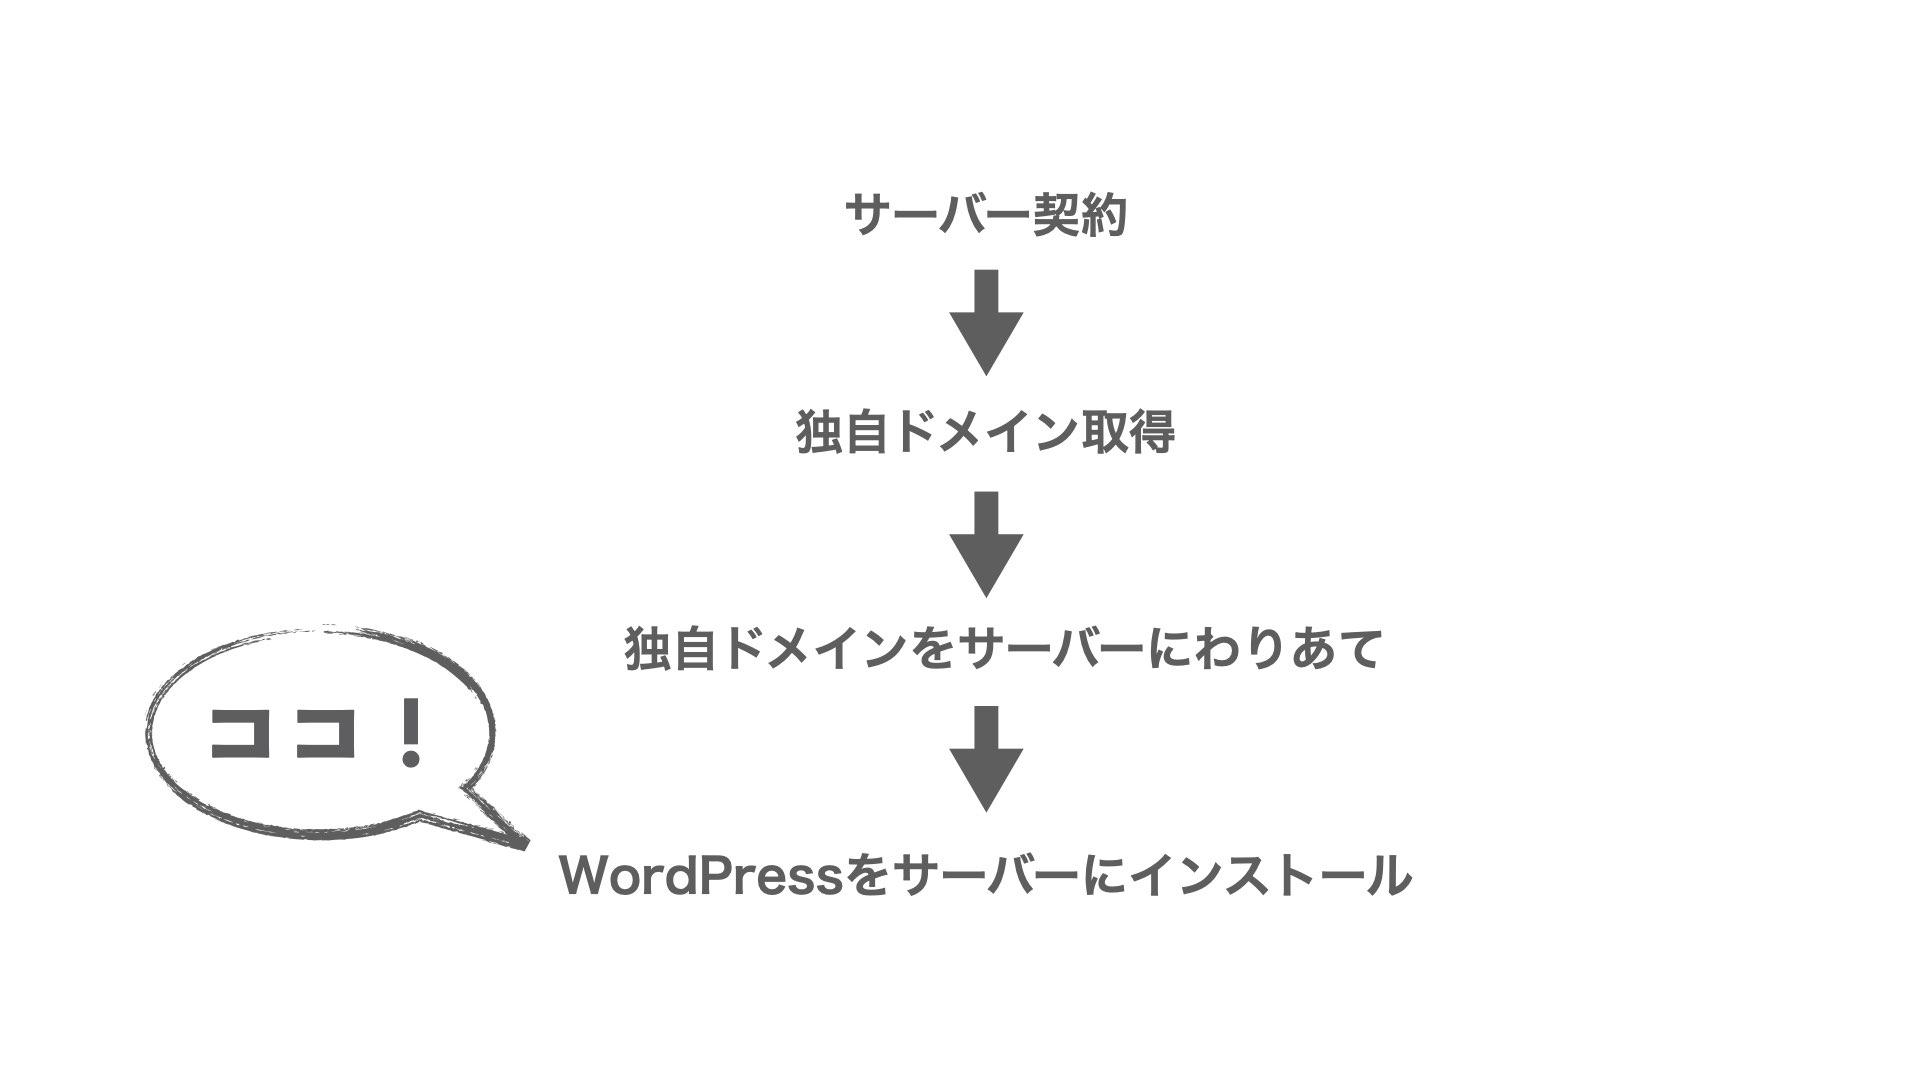 【インストール】WordPressインストールの流れ.001